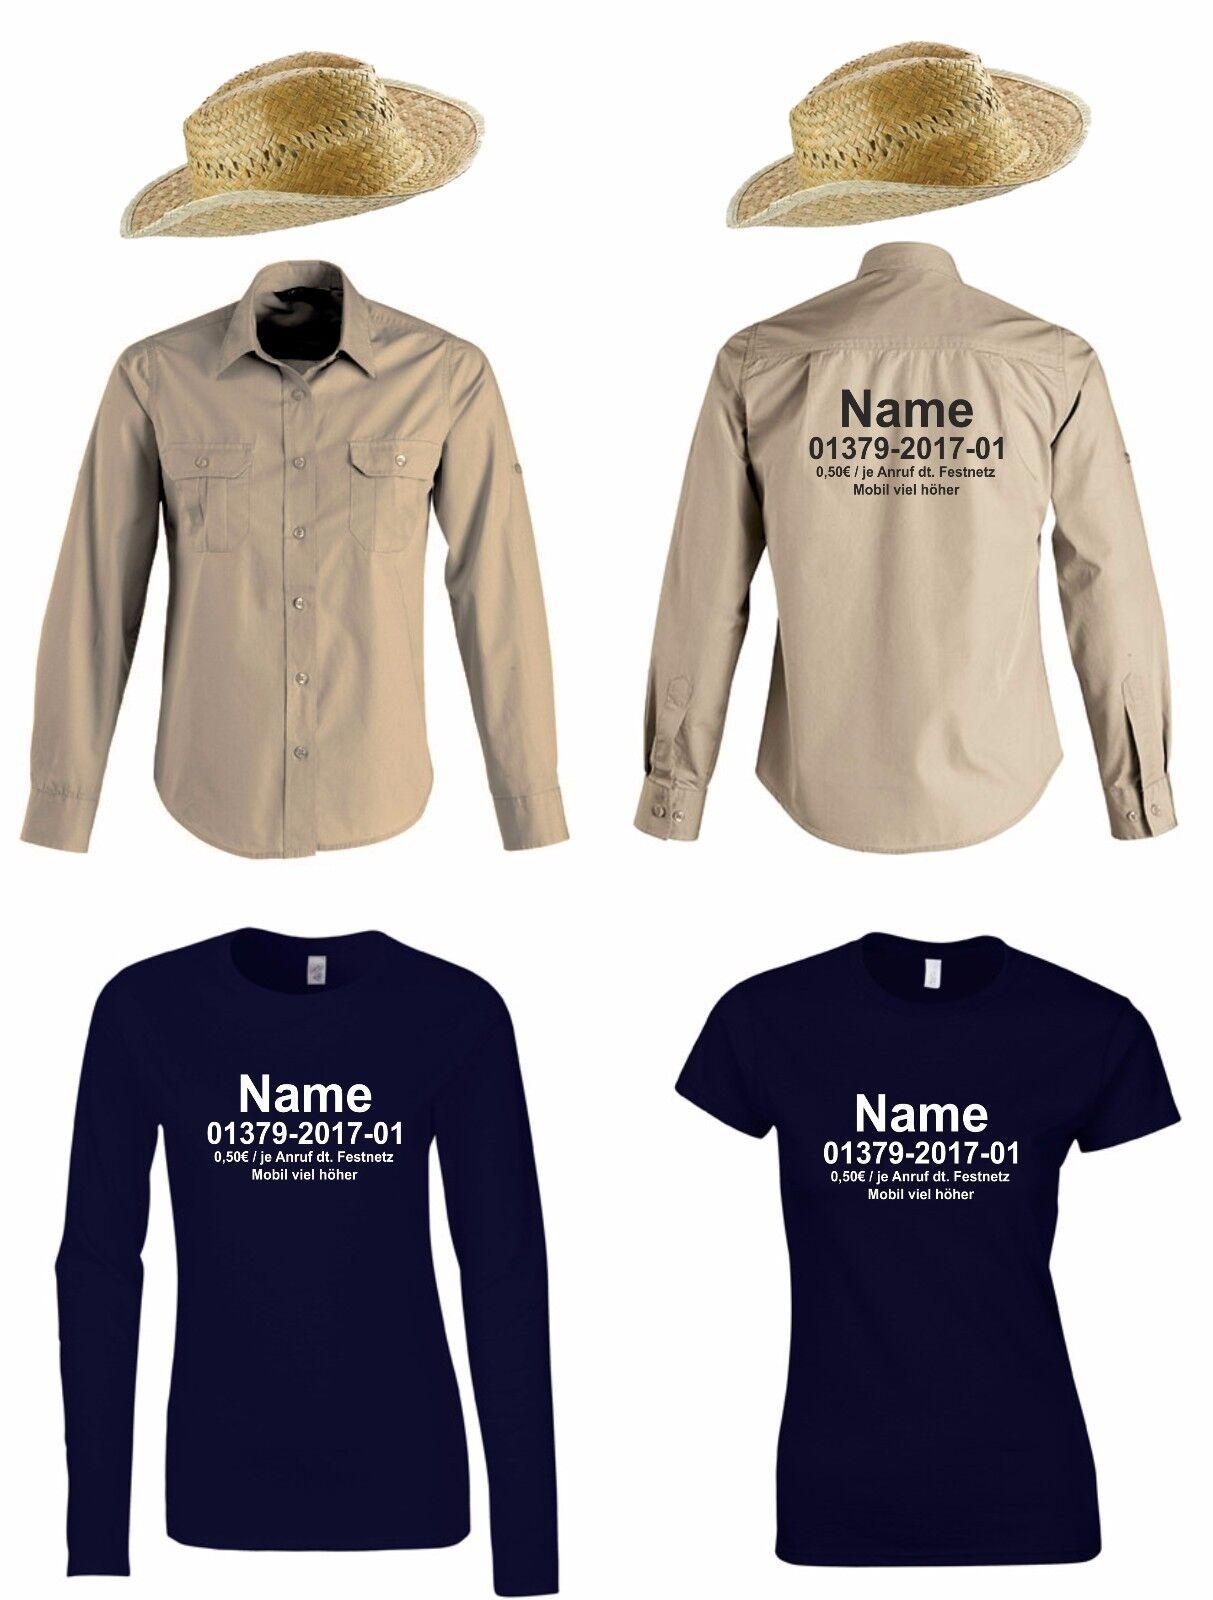 Damen T-Shirt + Hut oder Hemd mit Ihrem Namen Kostüm für Dschungelcamp Fans